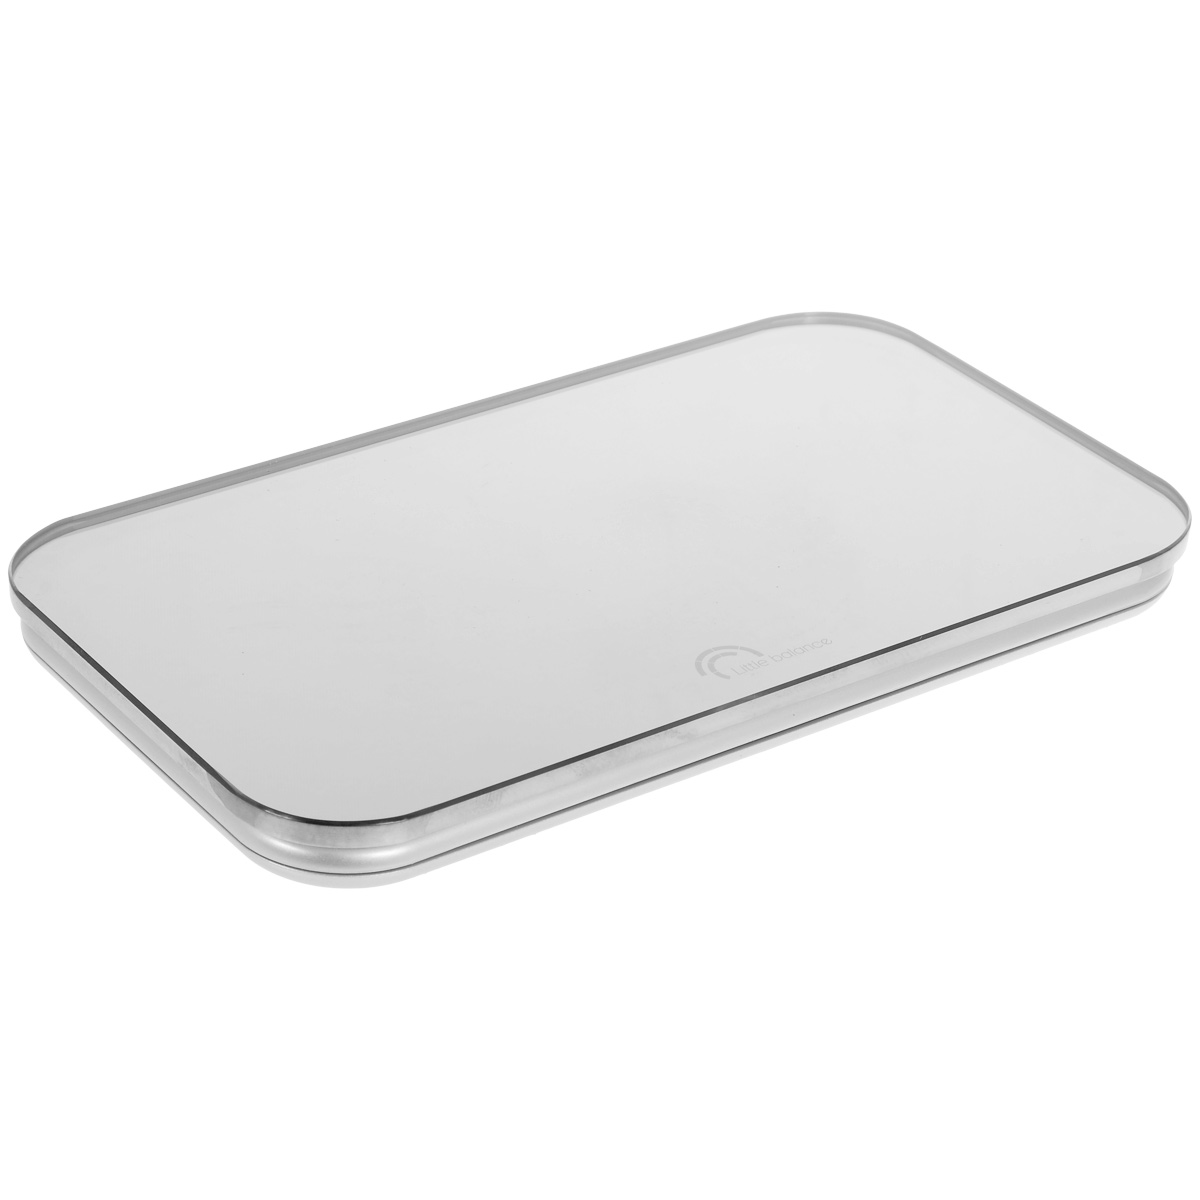 Весы напольные Little balance Nomade, цвет: стальной, зеркальный8005Напольные весы Little balance Nomade просты и удобны в эксплуатации. Горизонтальная платформа изготовлена из качественного высокопрочного стекла, выдерживающего вес до 150 кг, и имеет зеркальную отделку. Корпус выполнен из полимерных материалов. Оснащены выдвигающимся цифровым дисплеем. Весы работают на батарейке типа CR2032 (входит в комплект). Прилагается инструкция по эксплуатации на русском языке.Материал: стекло, полимерные материалы.Размер: 23 см x 13 см x 2 см. Размер дисплея: 6 см x 2,9 см.